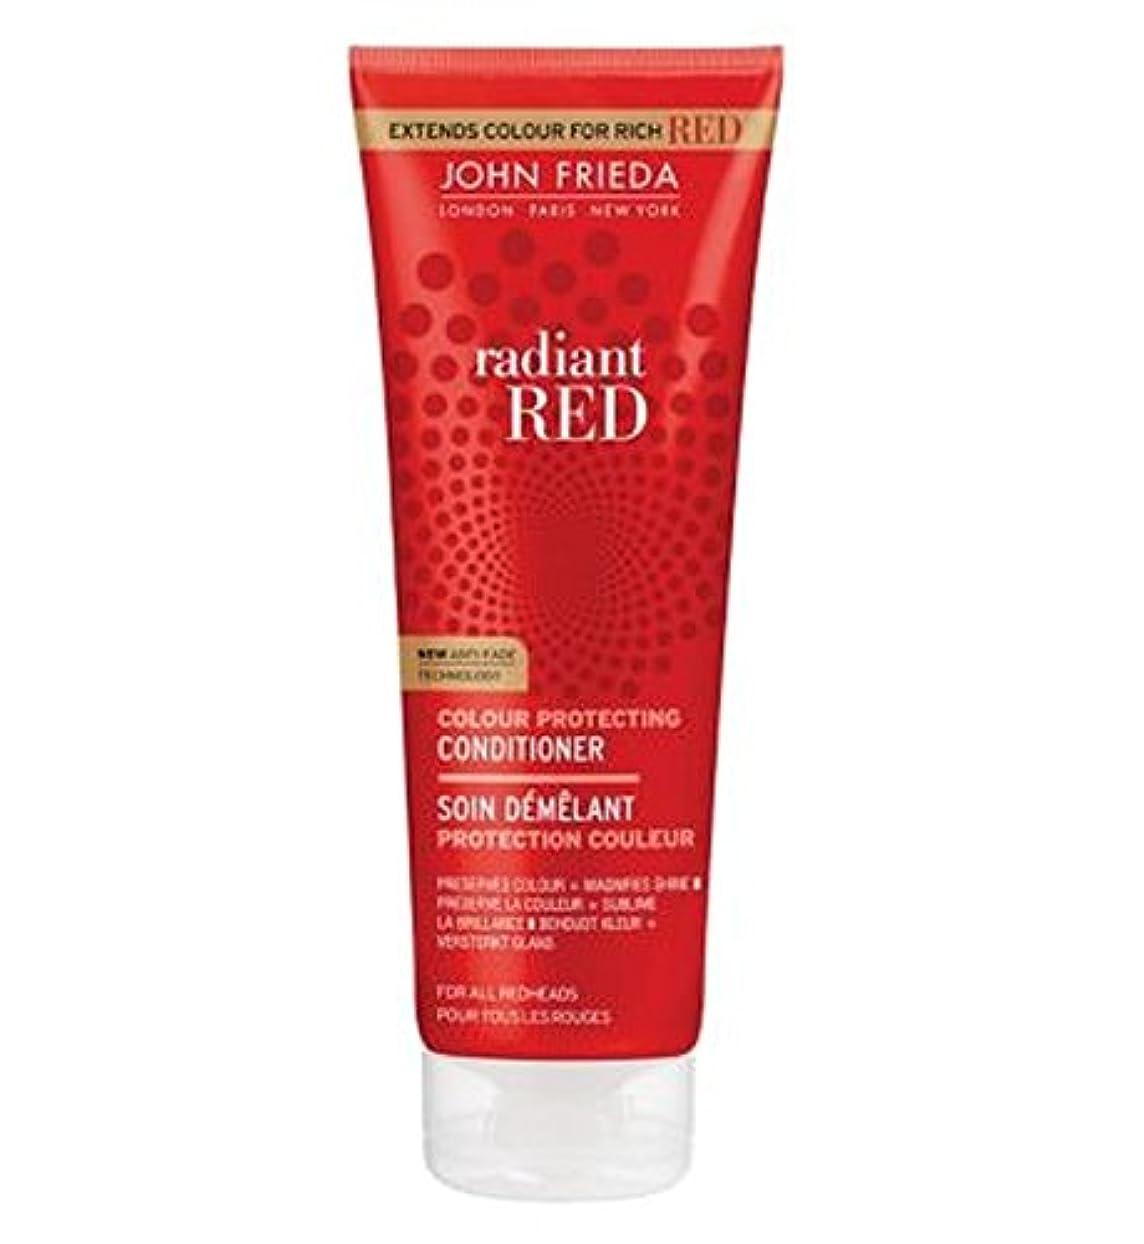 ステージ有名人金銭的John Frieda Radiant Red Colour Magnifying Conditioner 250ml - ジョン?フリーダ放射赤色拡大コンディショナー250Ml (John Frieda) [並行輸入品]